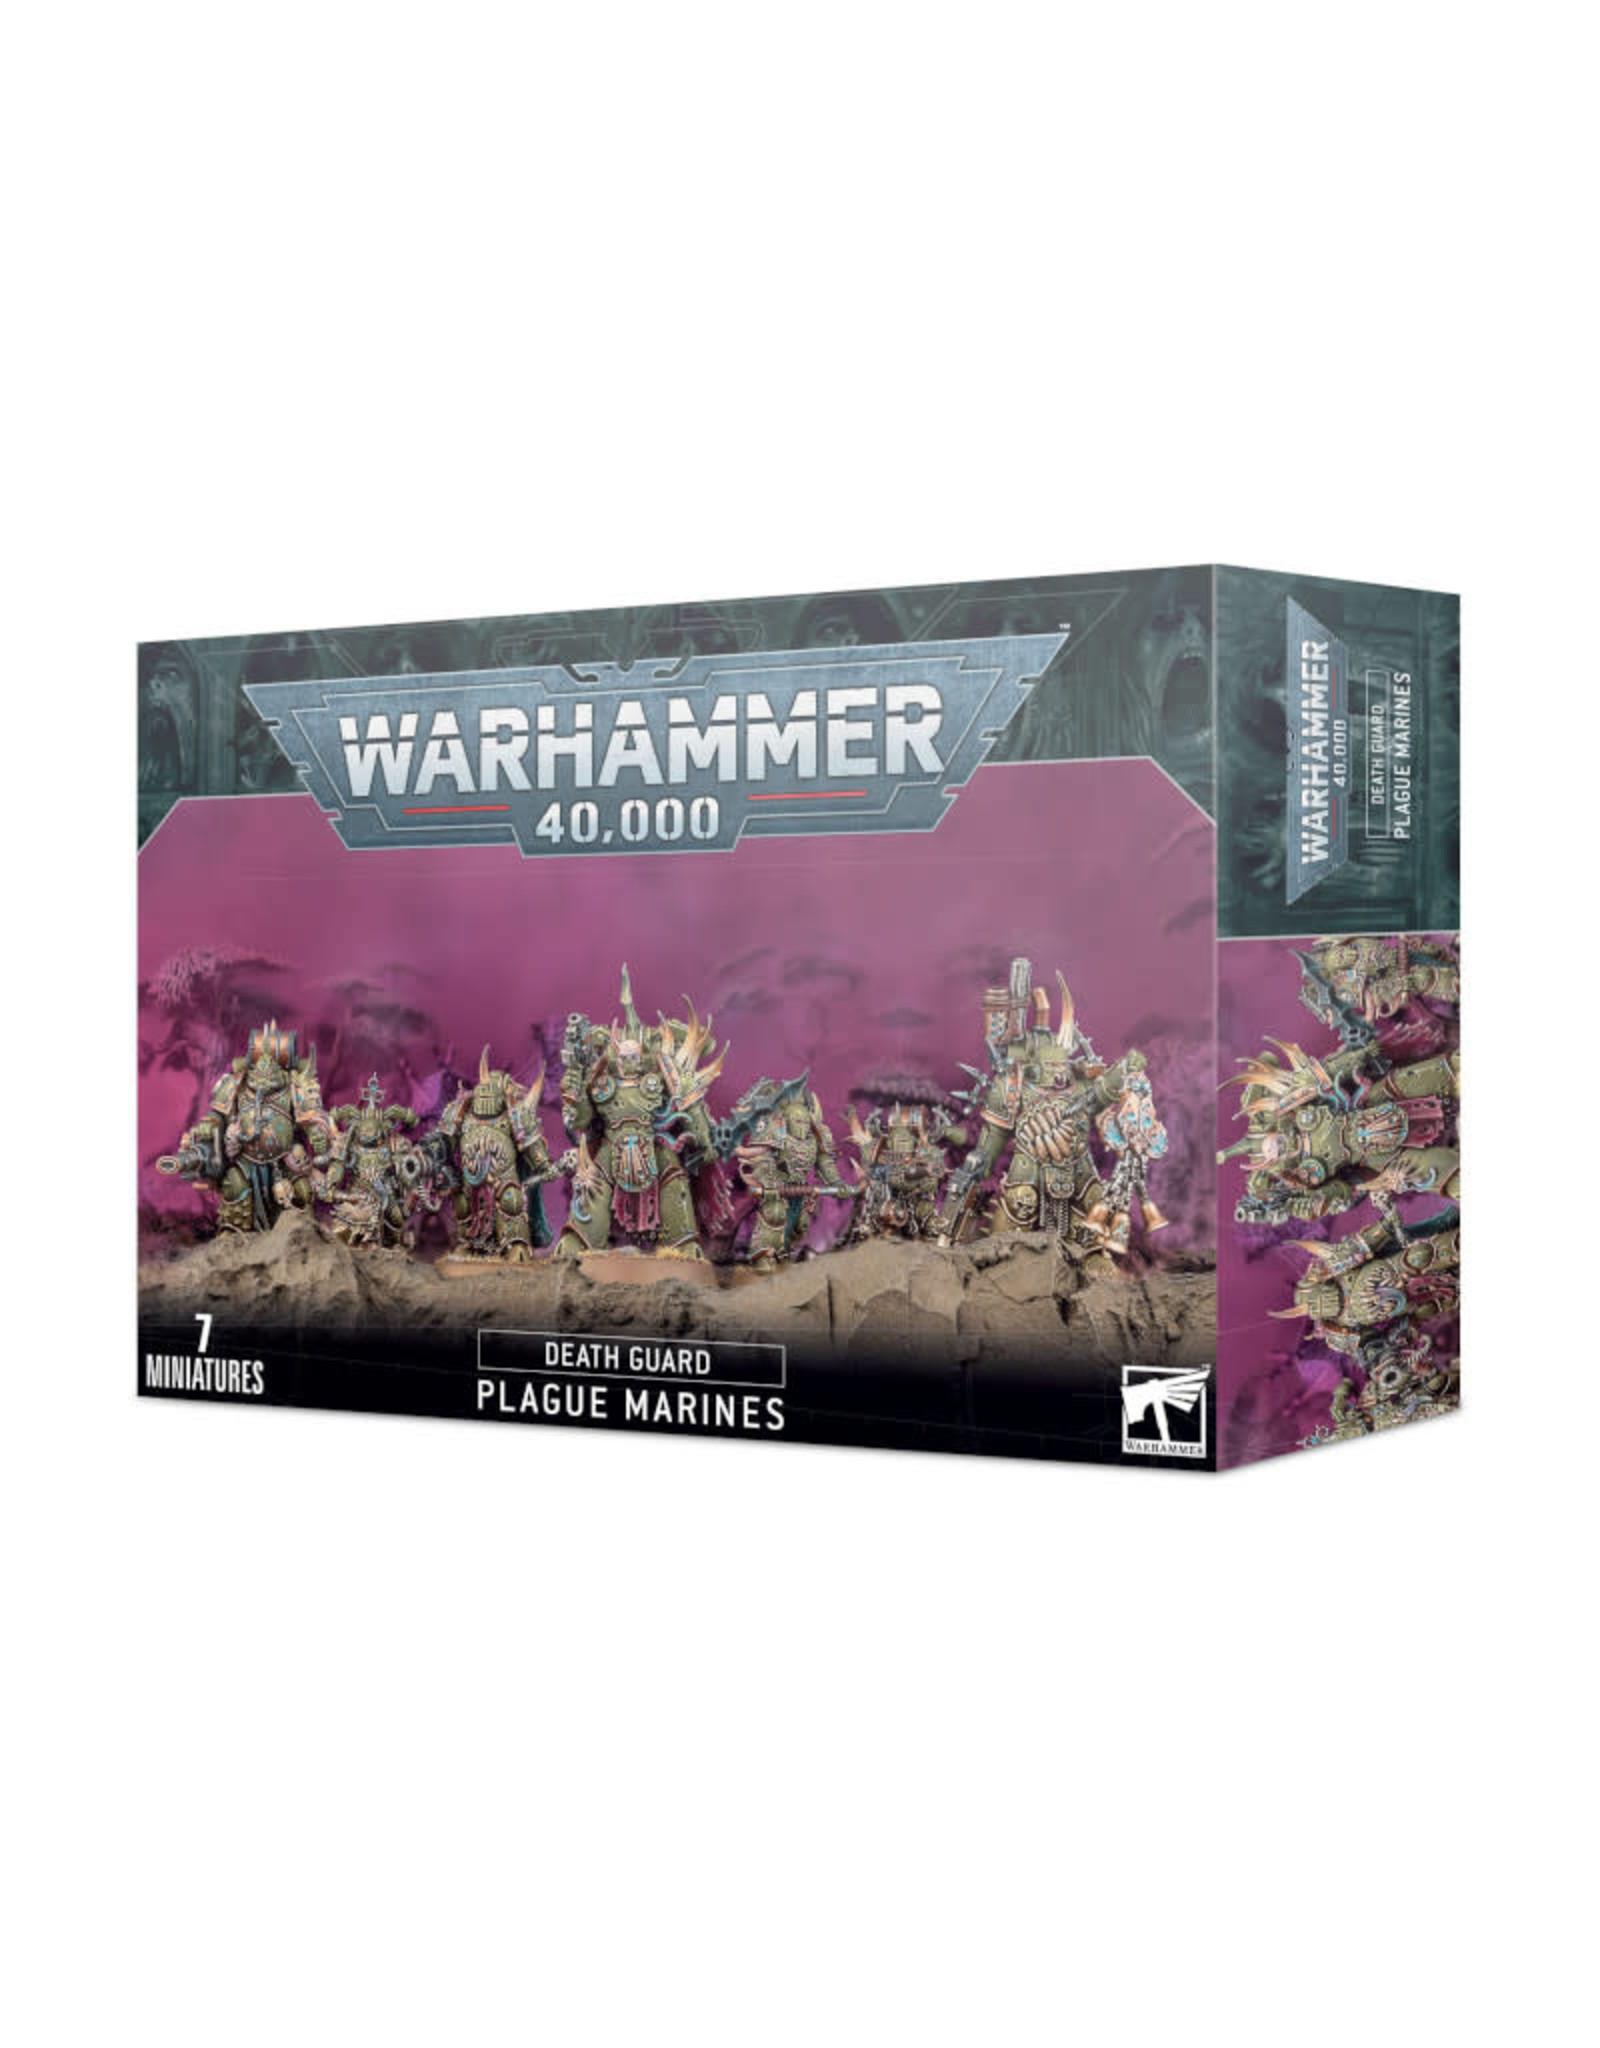 Games Workshop Warhammer 40K Death Guard Plague Marines